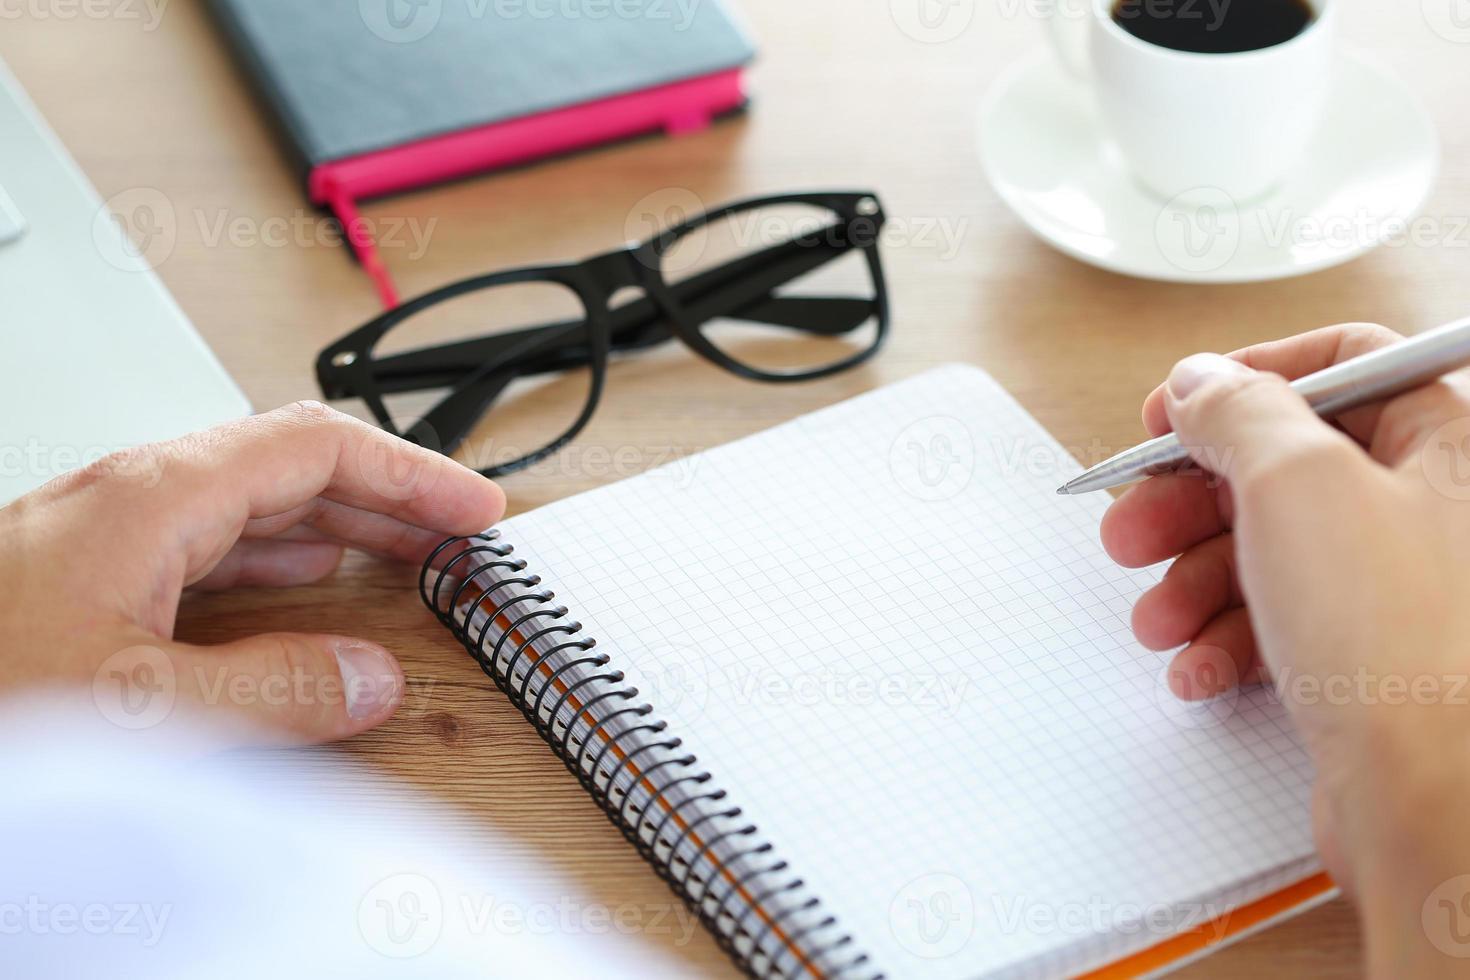 mannenhand met zilveren pen foto